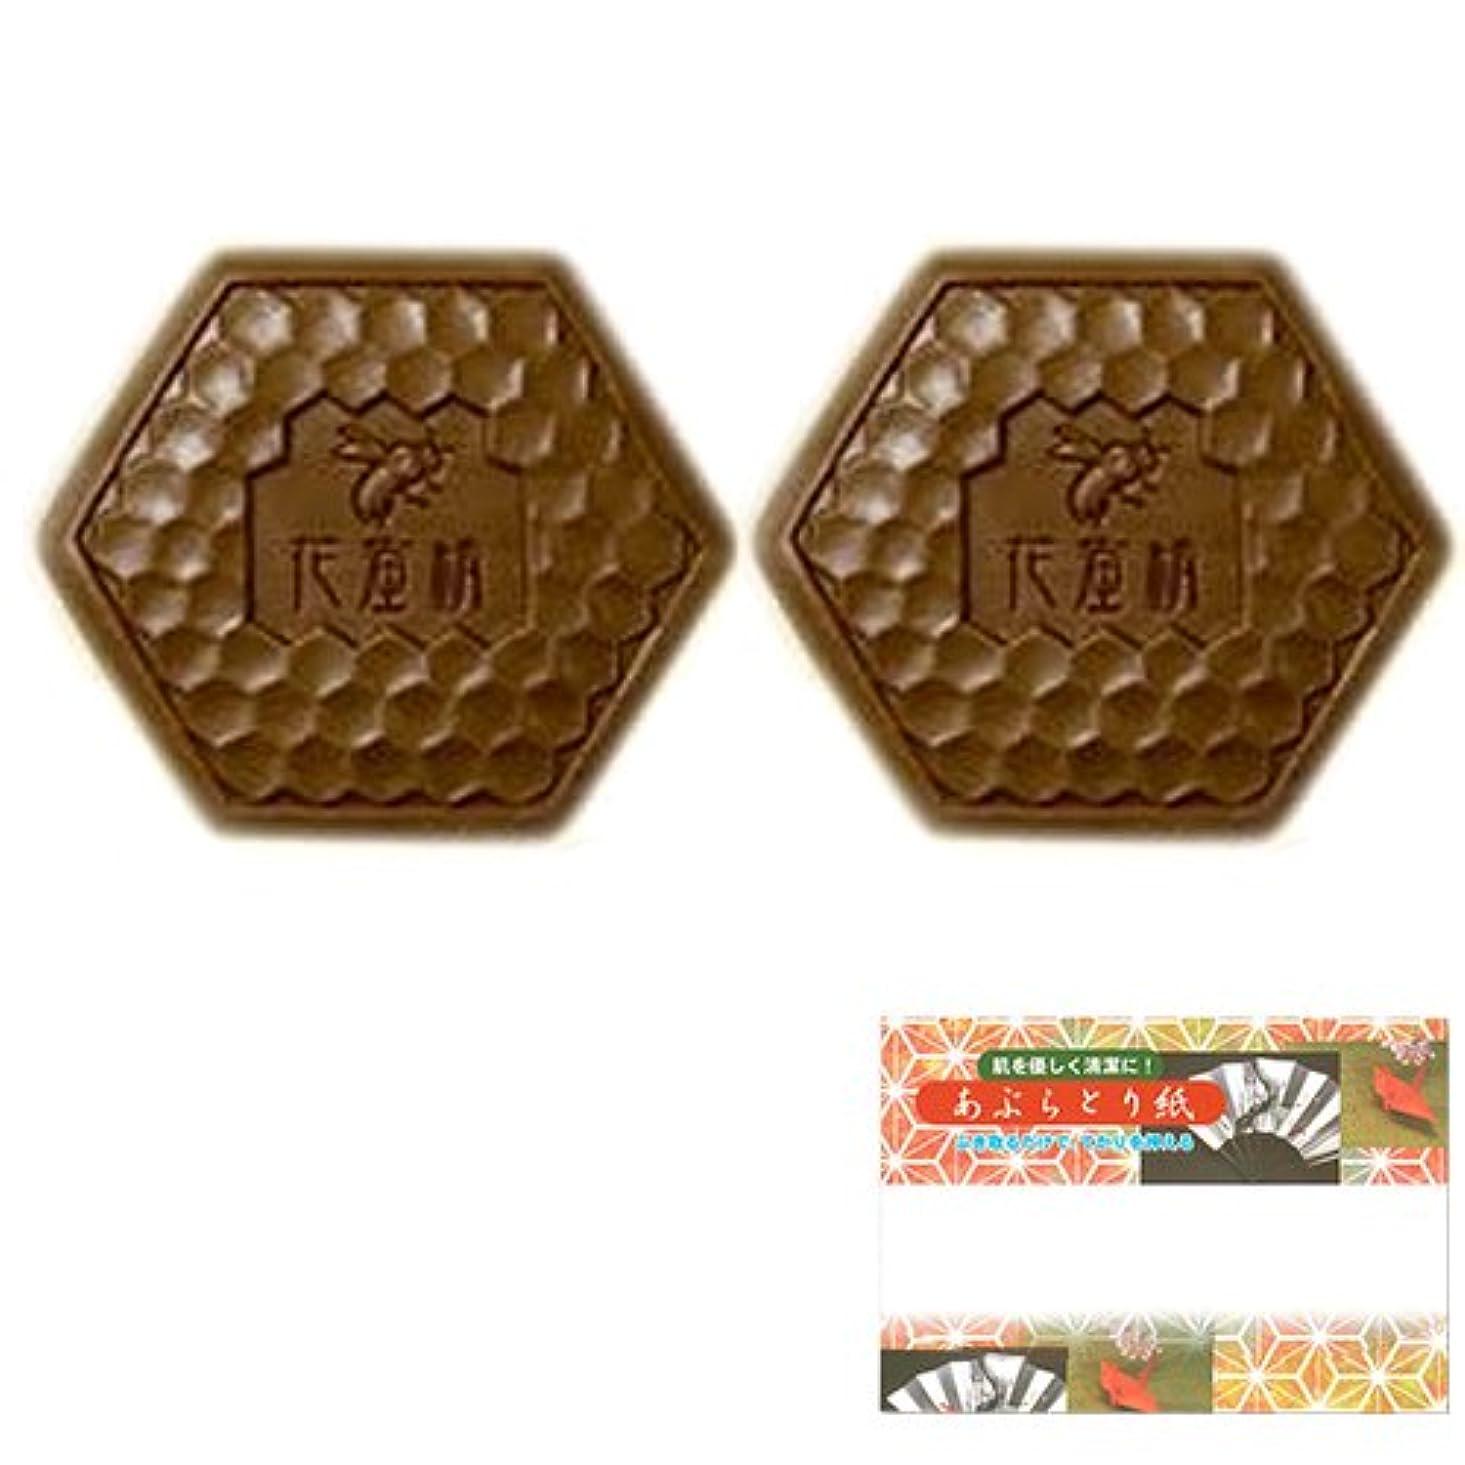 にはまって殺す類似性フェニックス 花蜜精(かみつせい) はちみつ クレンジングソープ 2個 + 高級あぶらとり紙セット